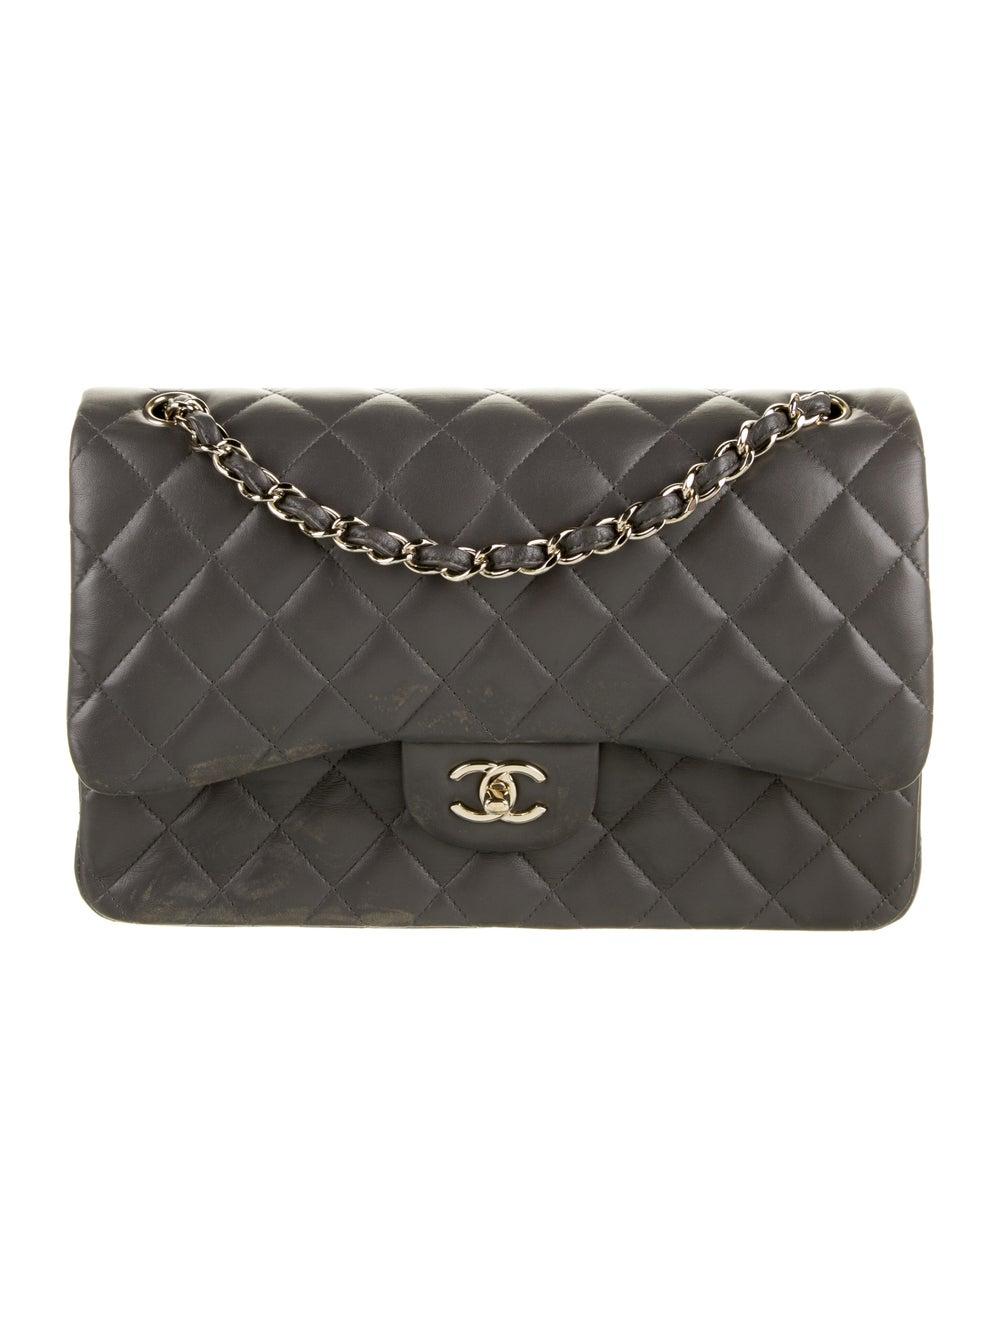 Chanel 2020 Classic Jumbo Double Flap Bag Grey - image 1